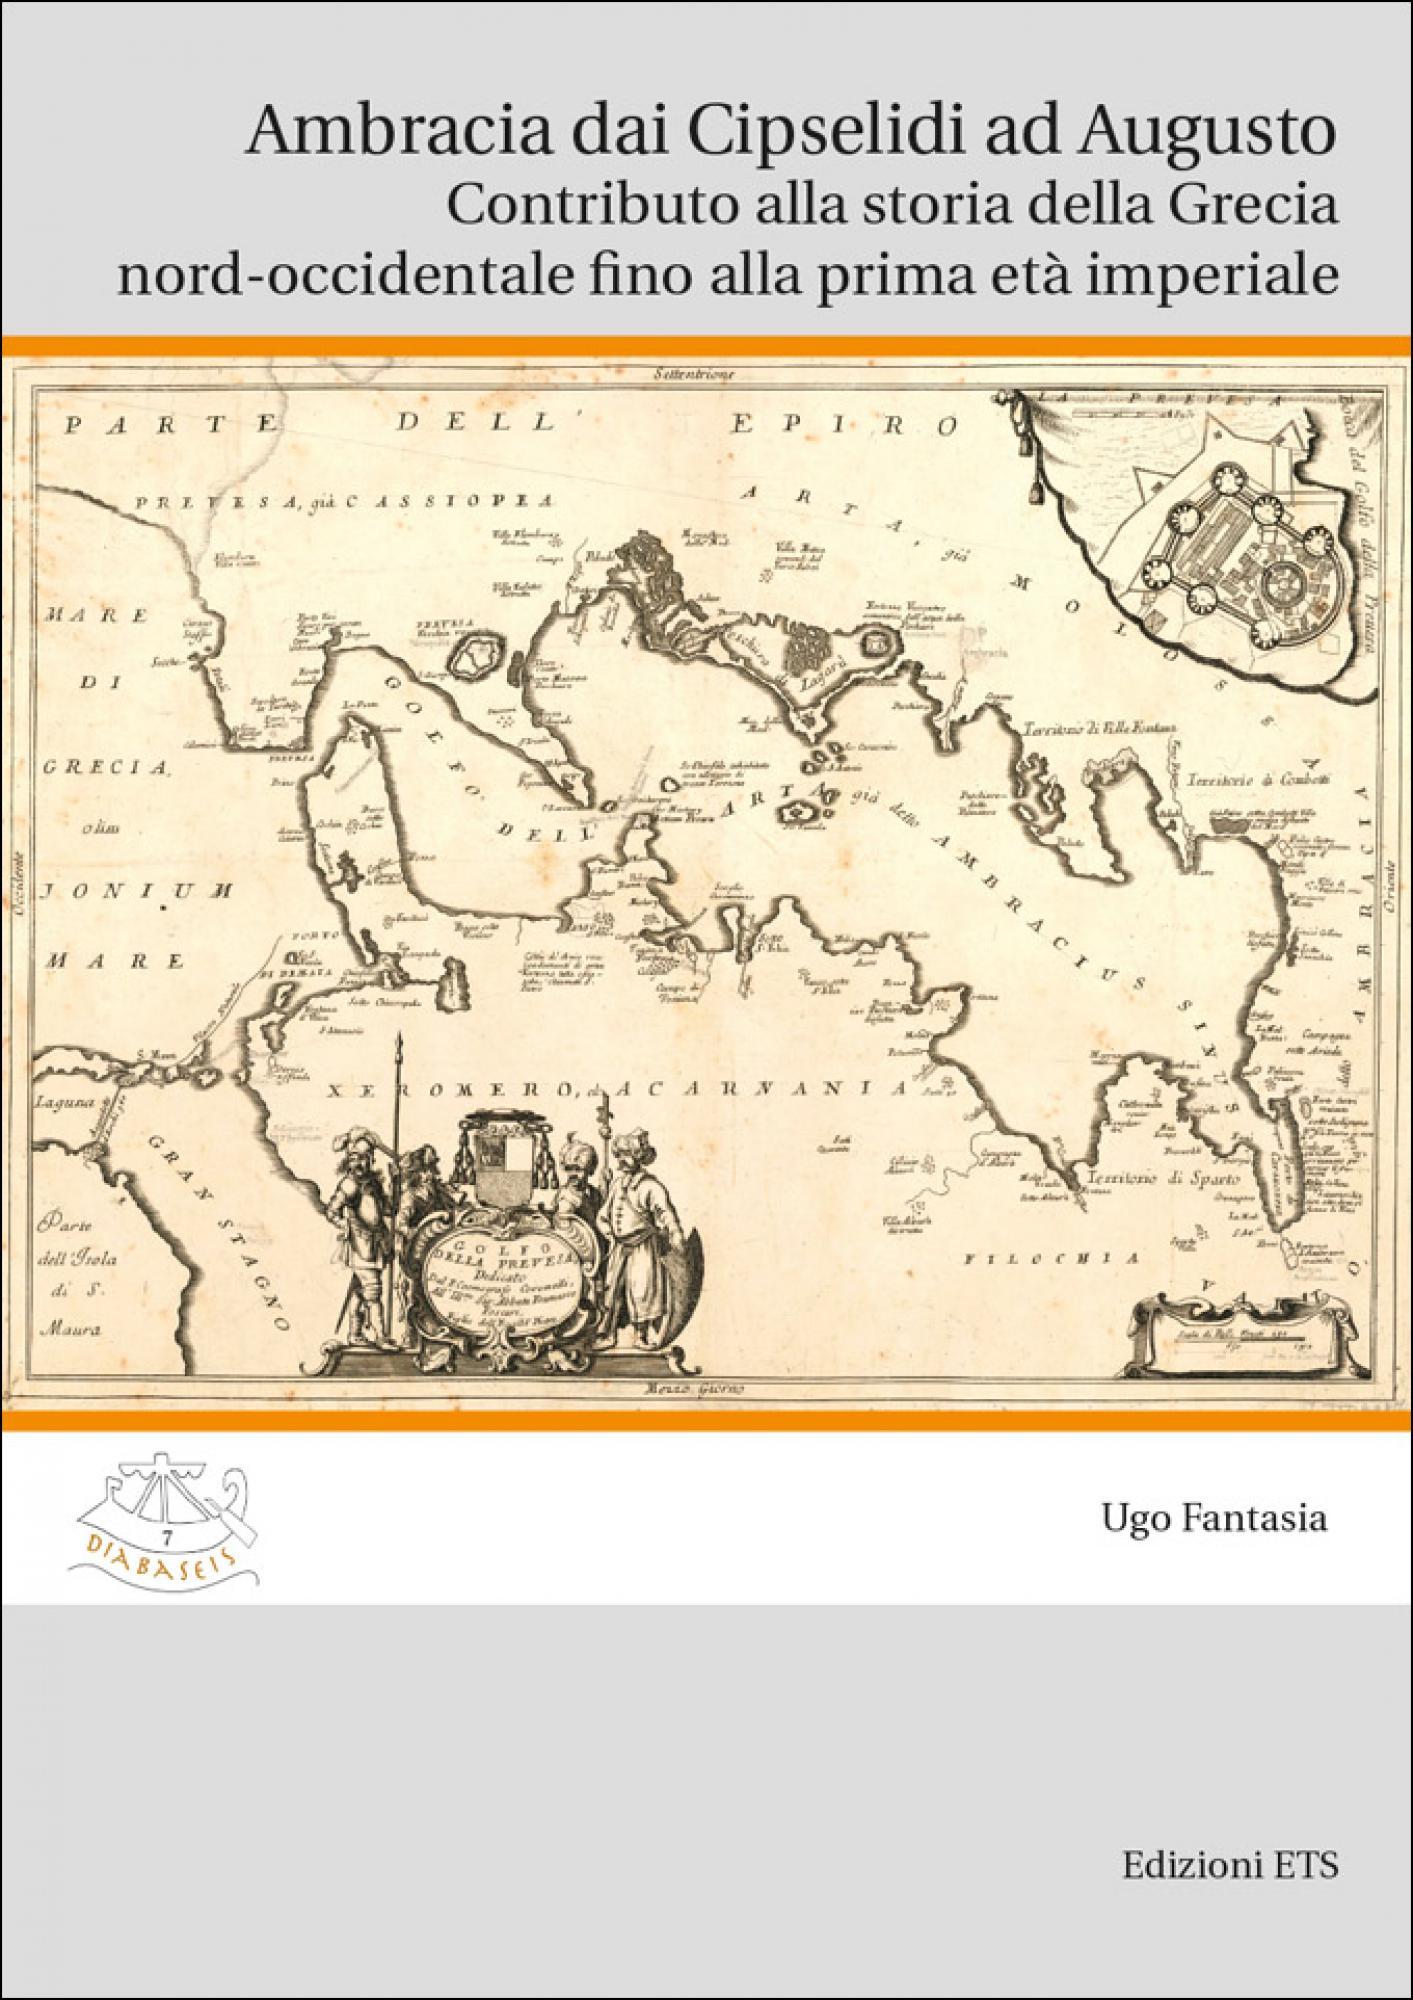 Ambracia dai Cipselidi ad Augusto.Contributo alla storia della Grecia nord-occidentale fino alla prima età imperiale